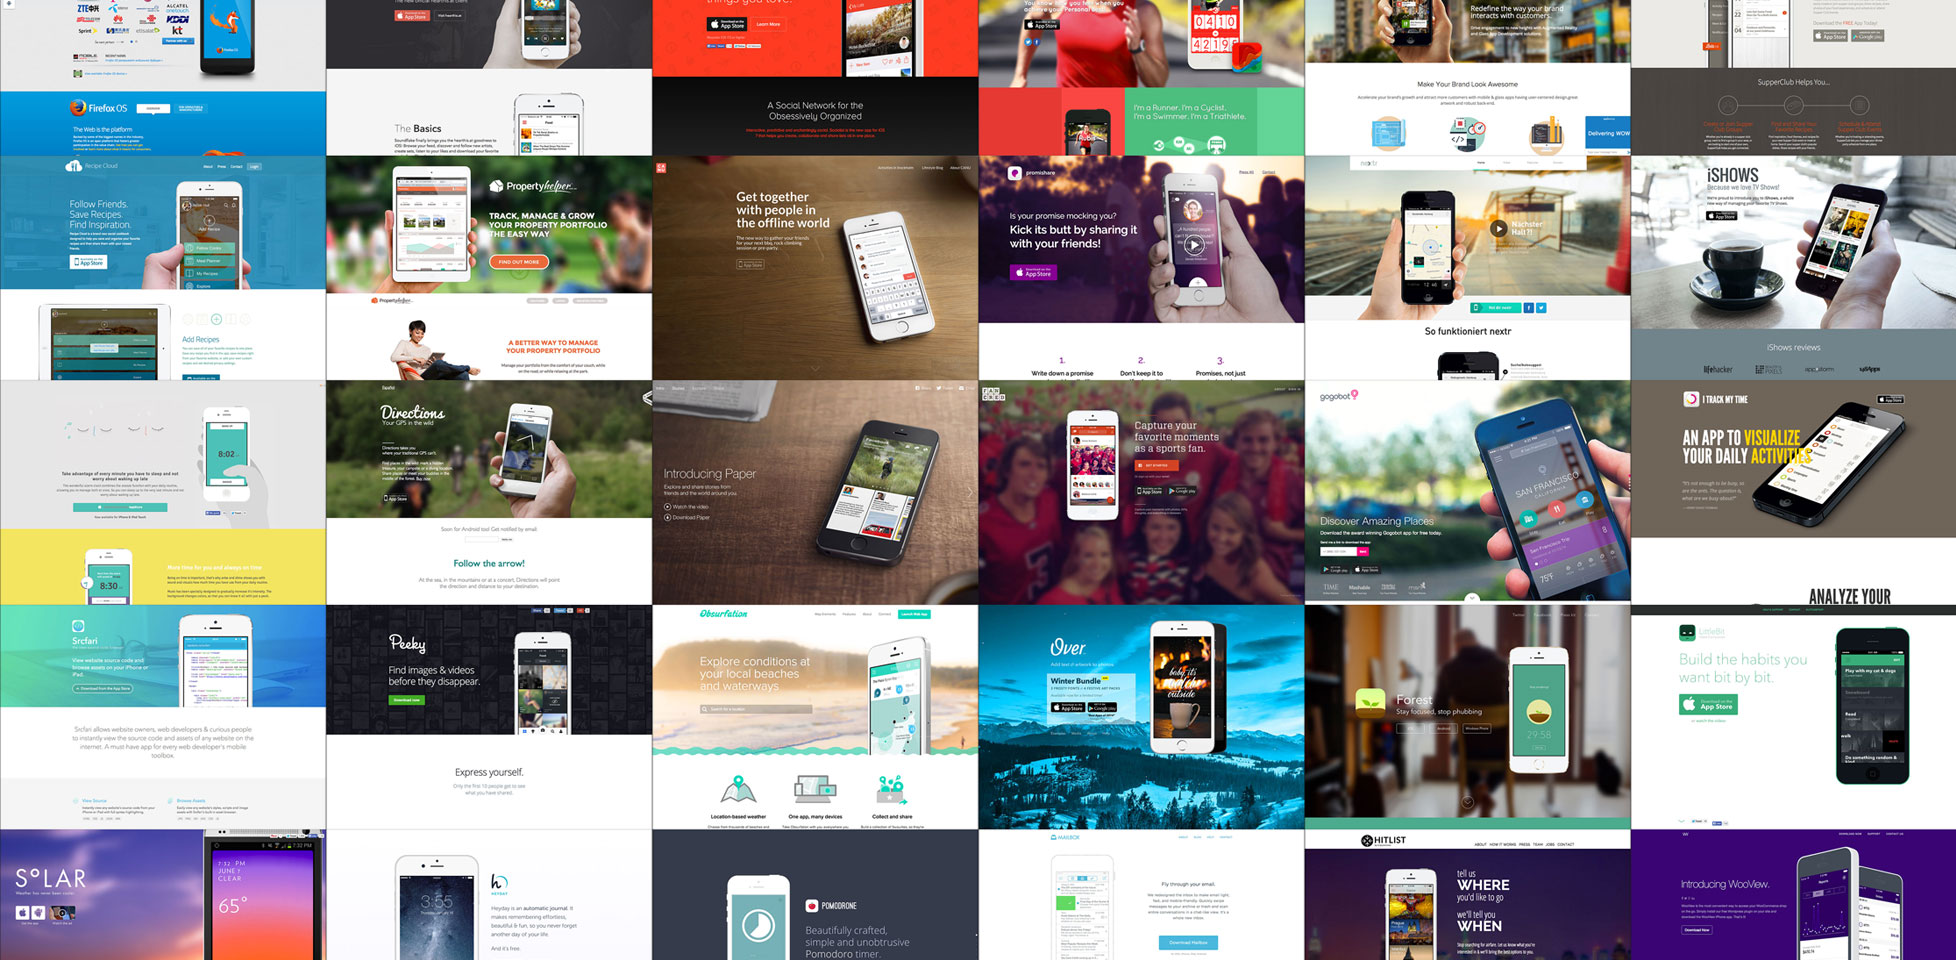 Are design patterns destroying web design?